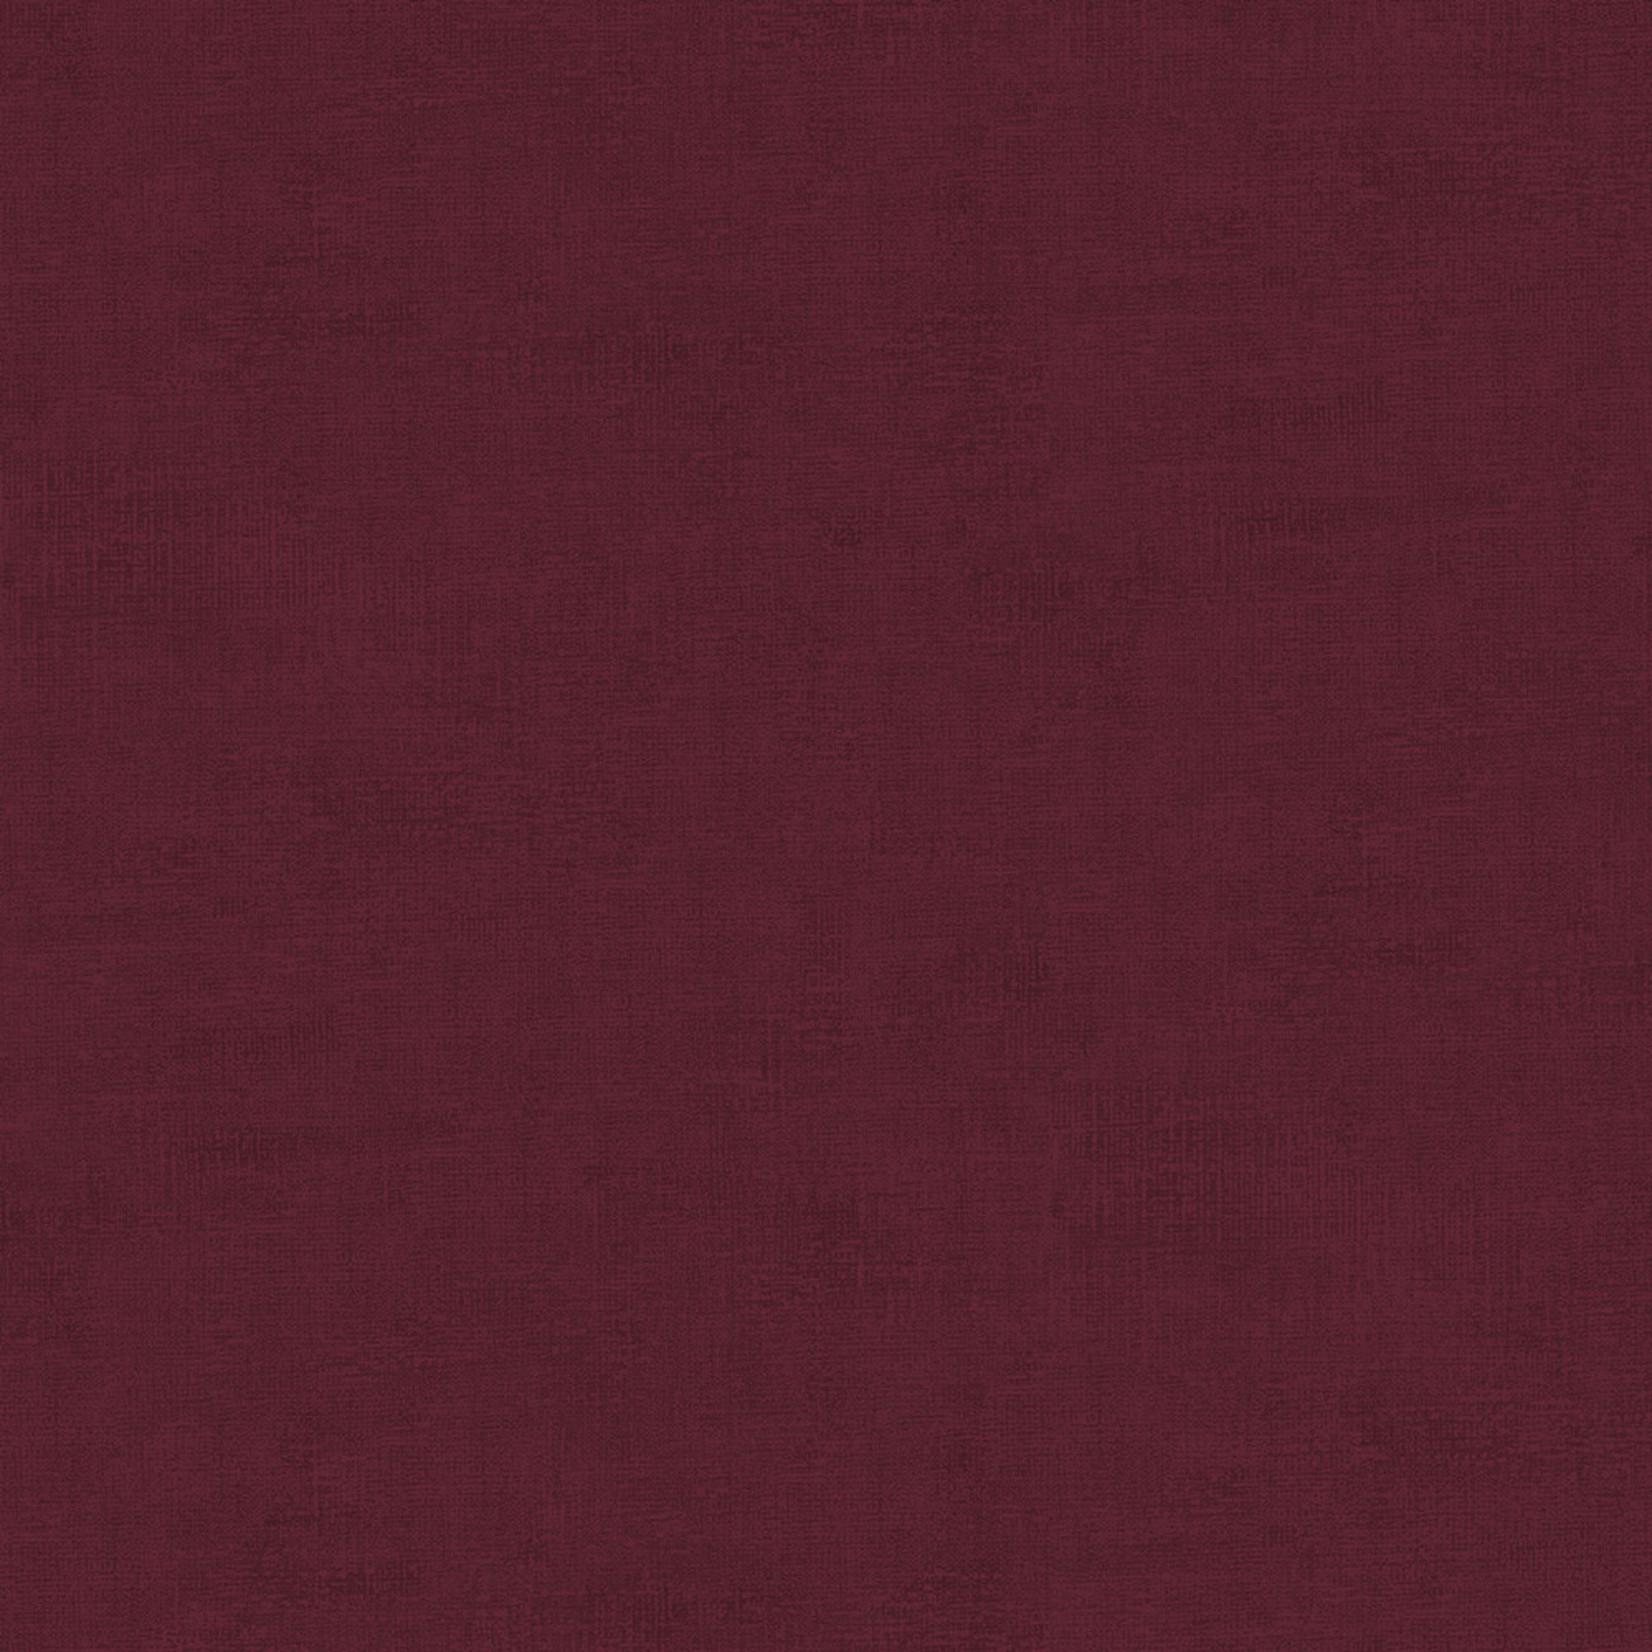 Stoffabrics Melange 4509 - 413